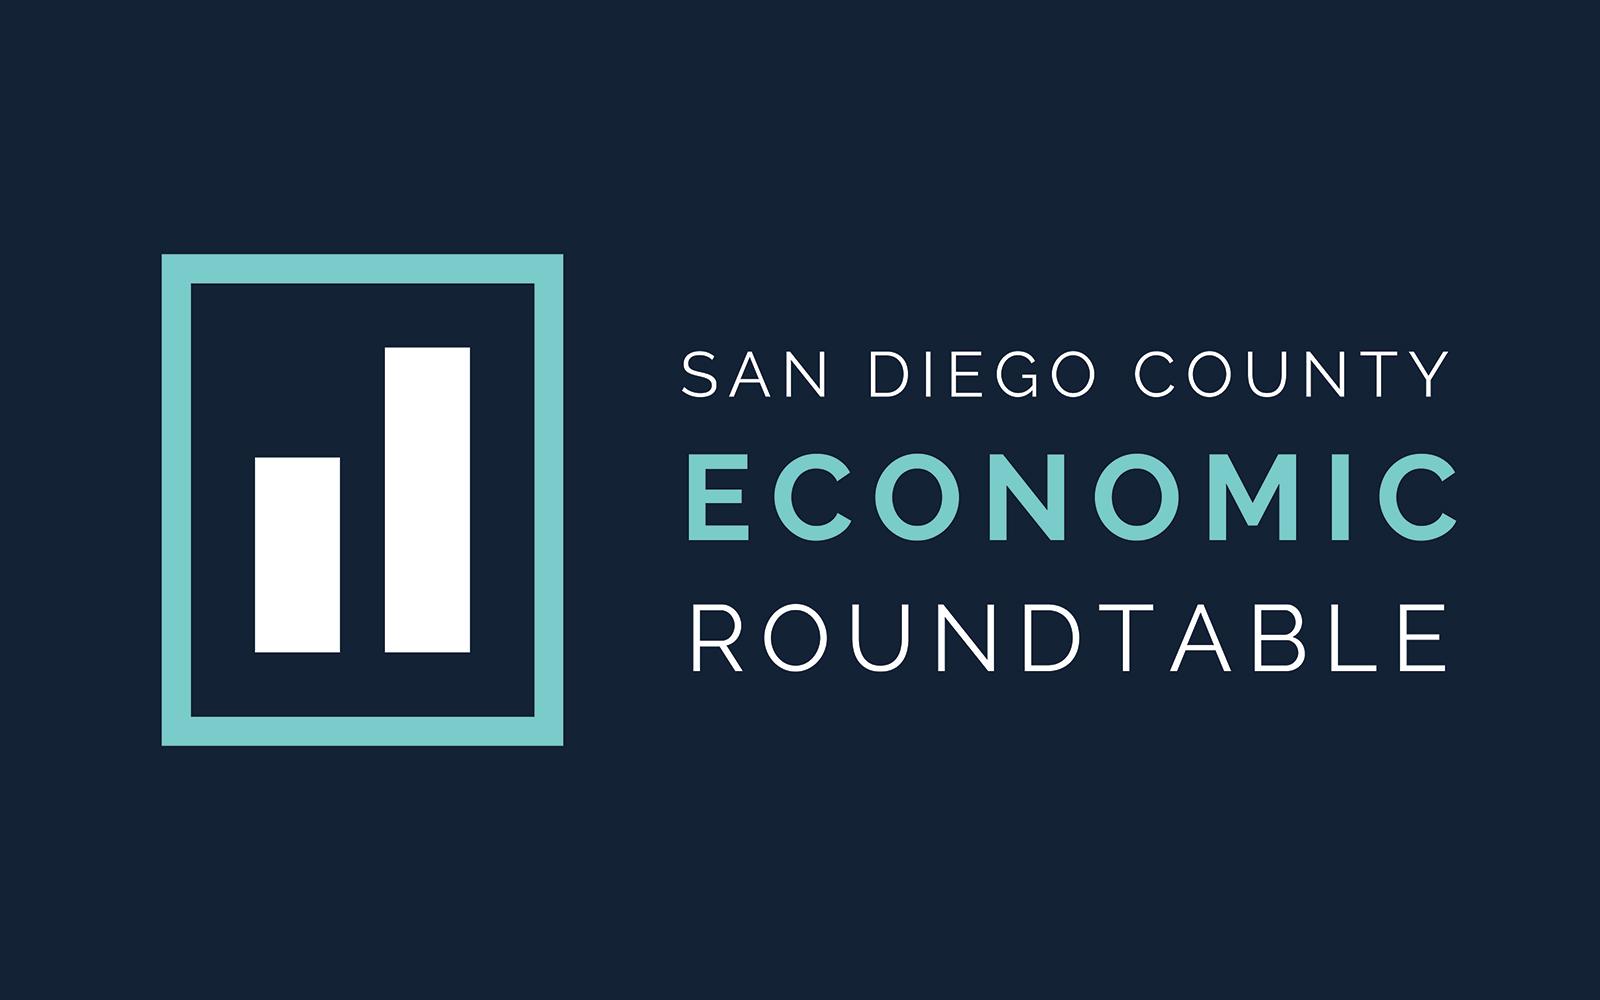 San Diego County Economic Roundtable